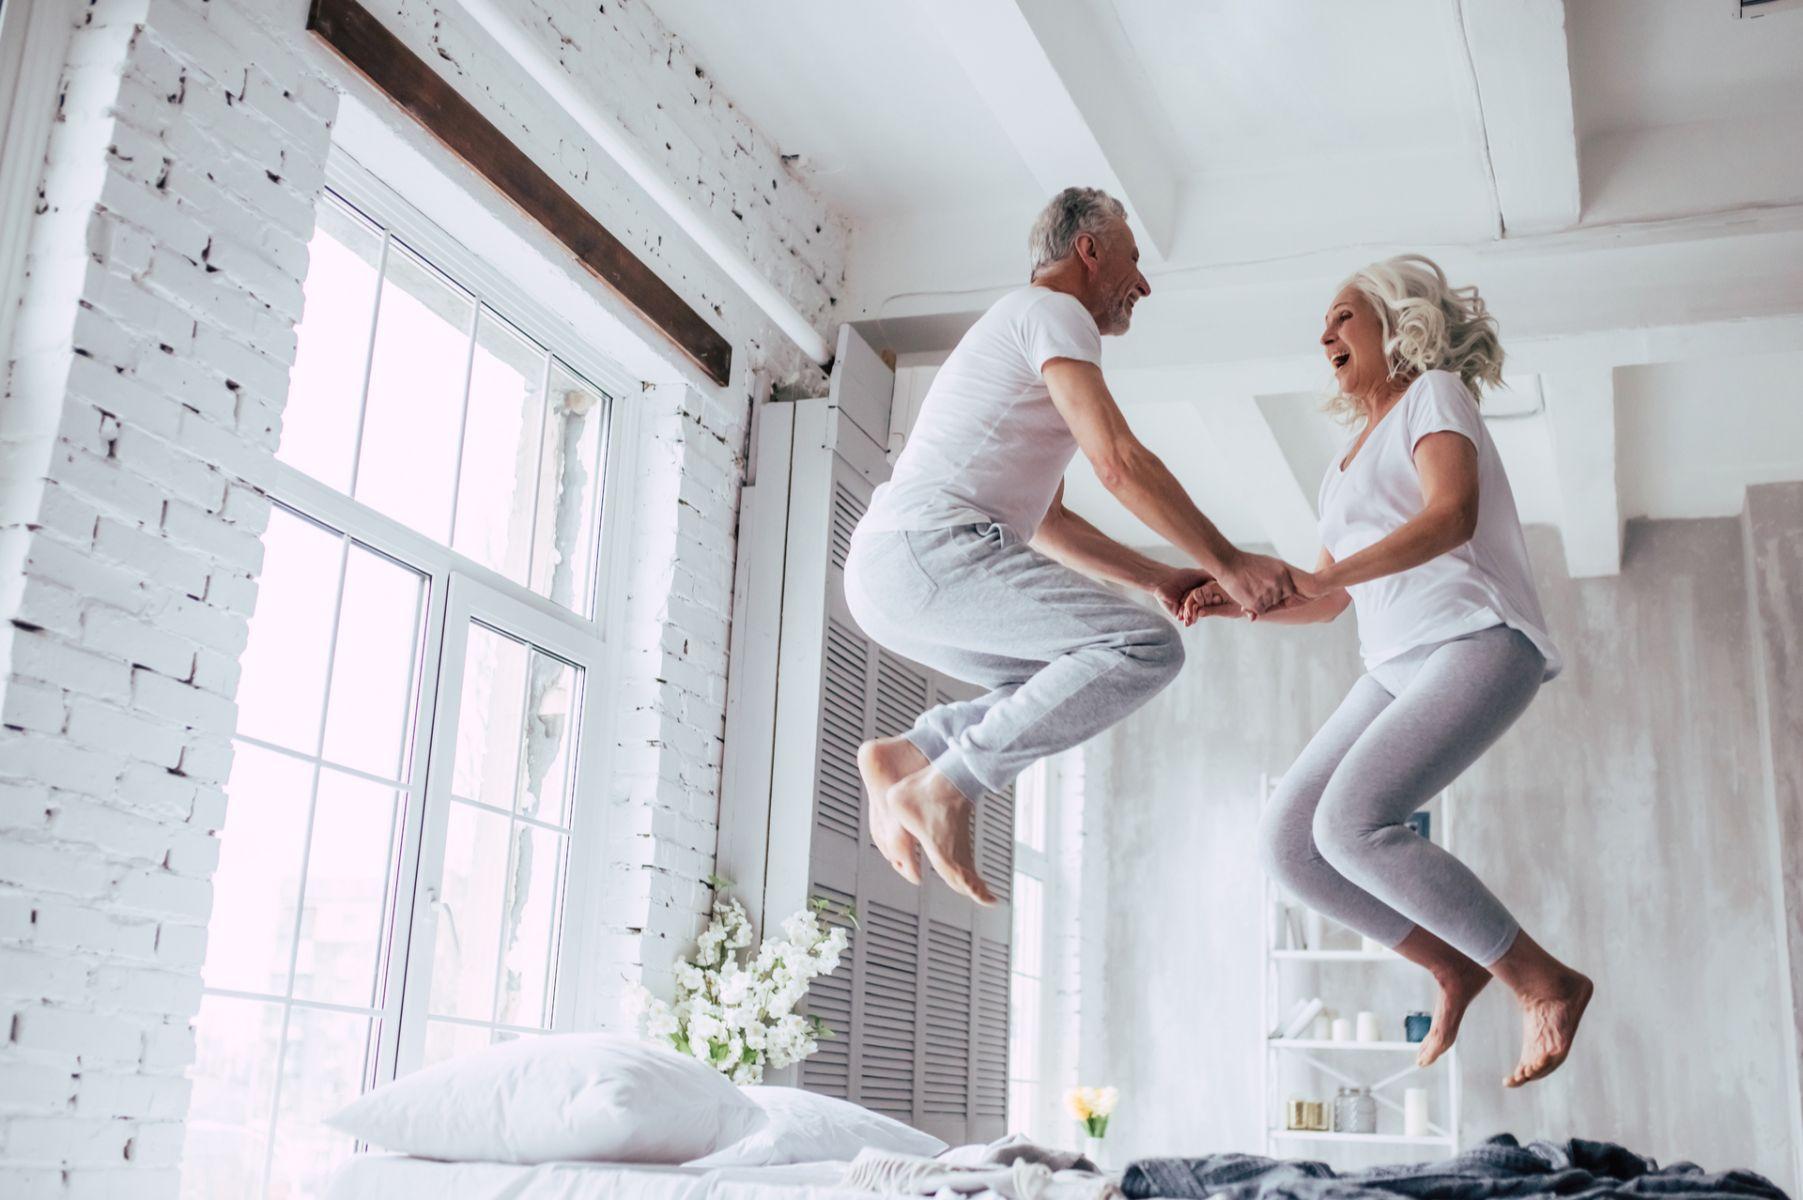 膝蓋好,感情就好?逾六成退化性膝關節炎患者坦言不「性」福